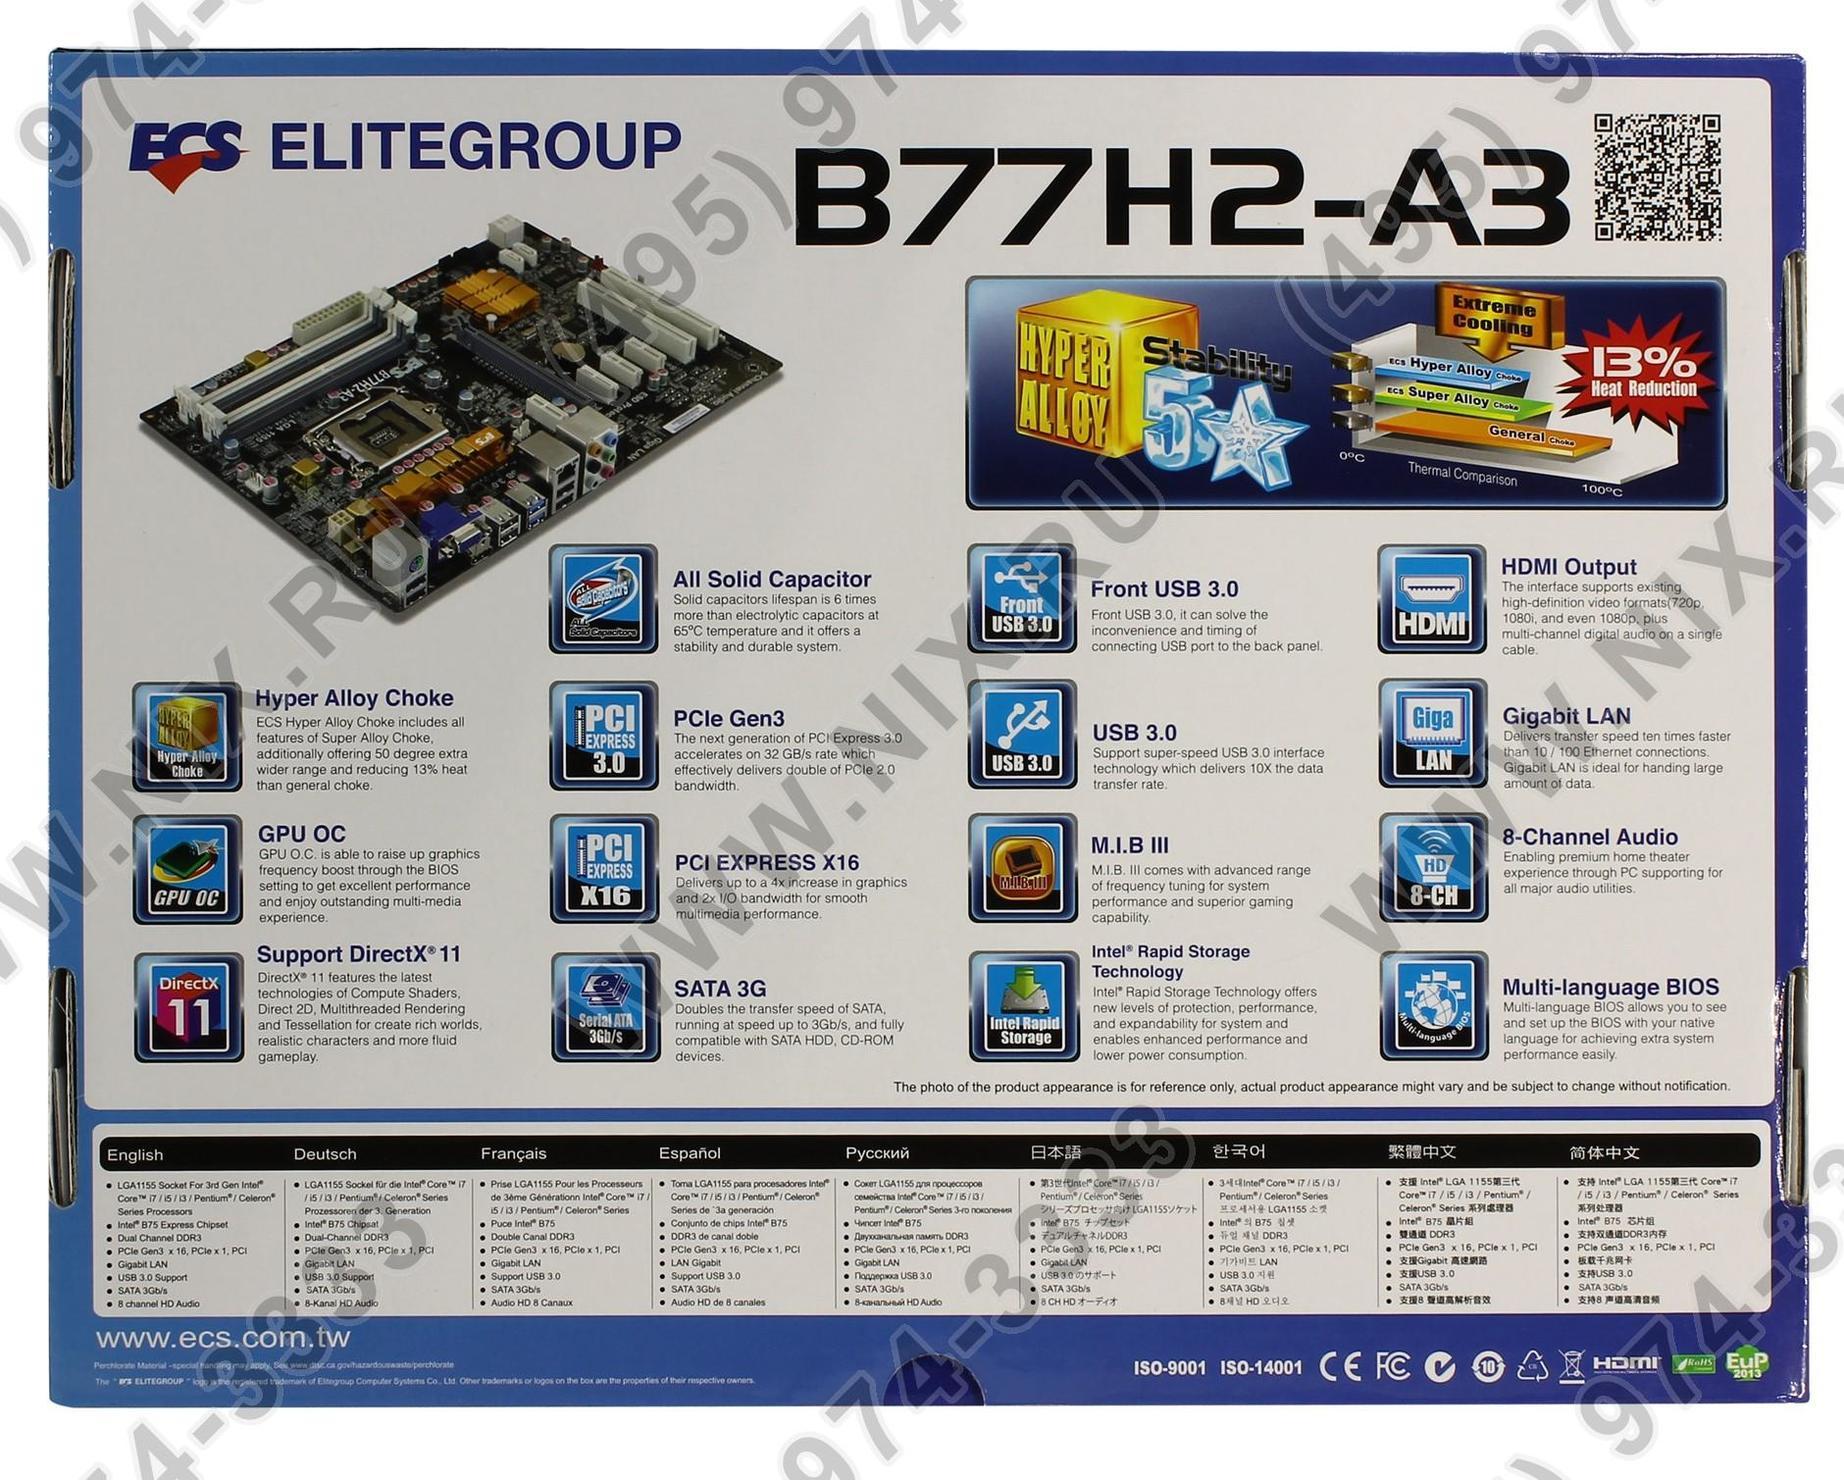 B77H2-A3 TREIBER WINDOWS 8